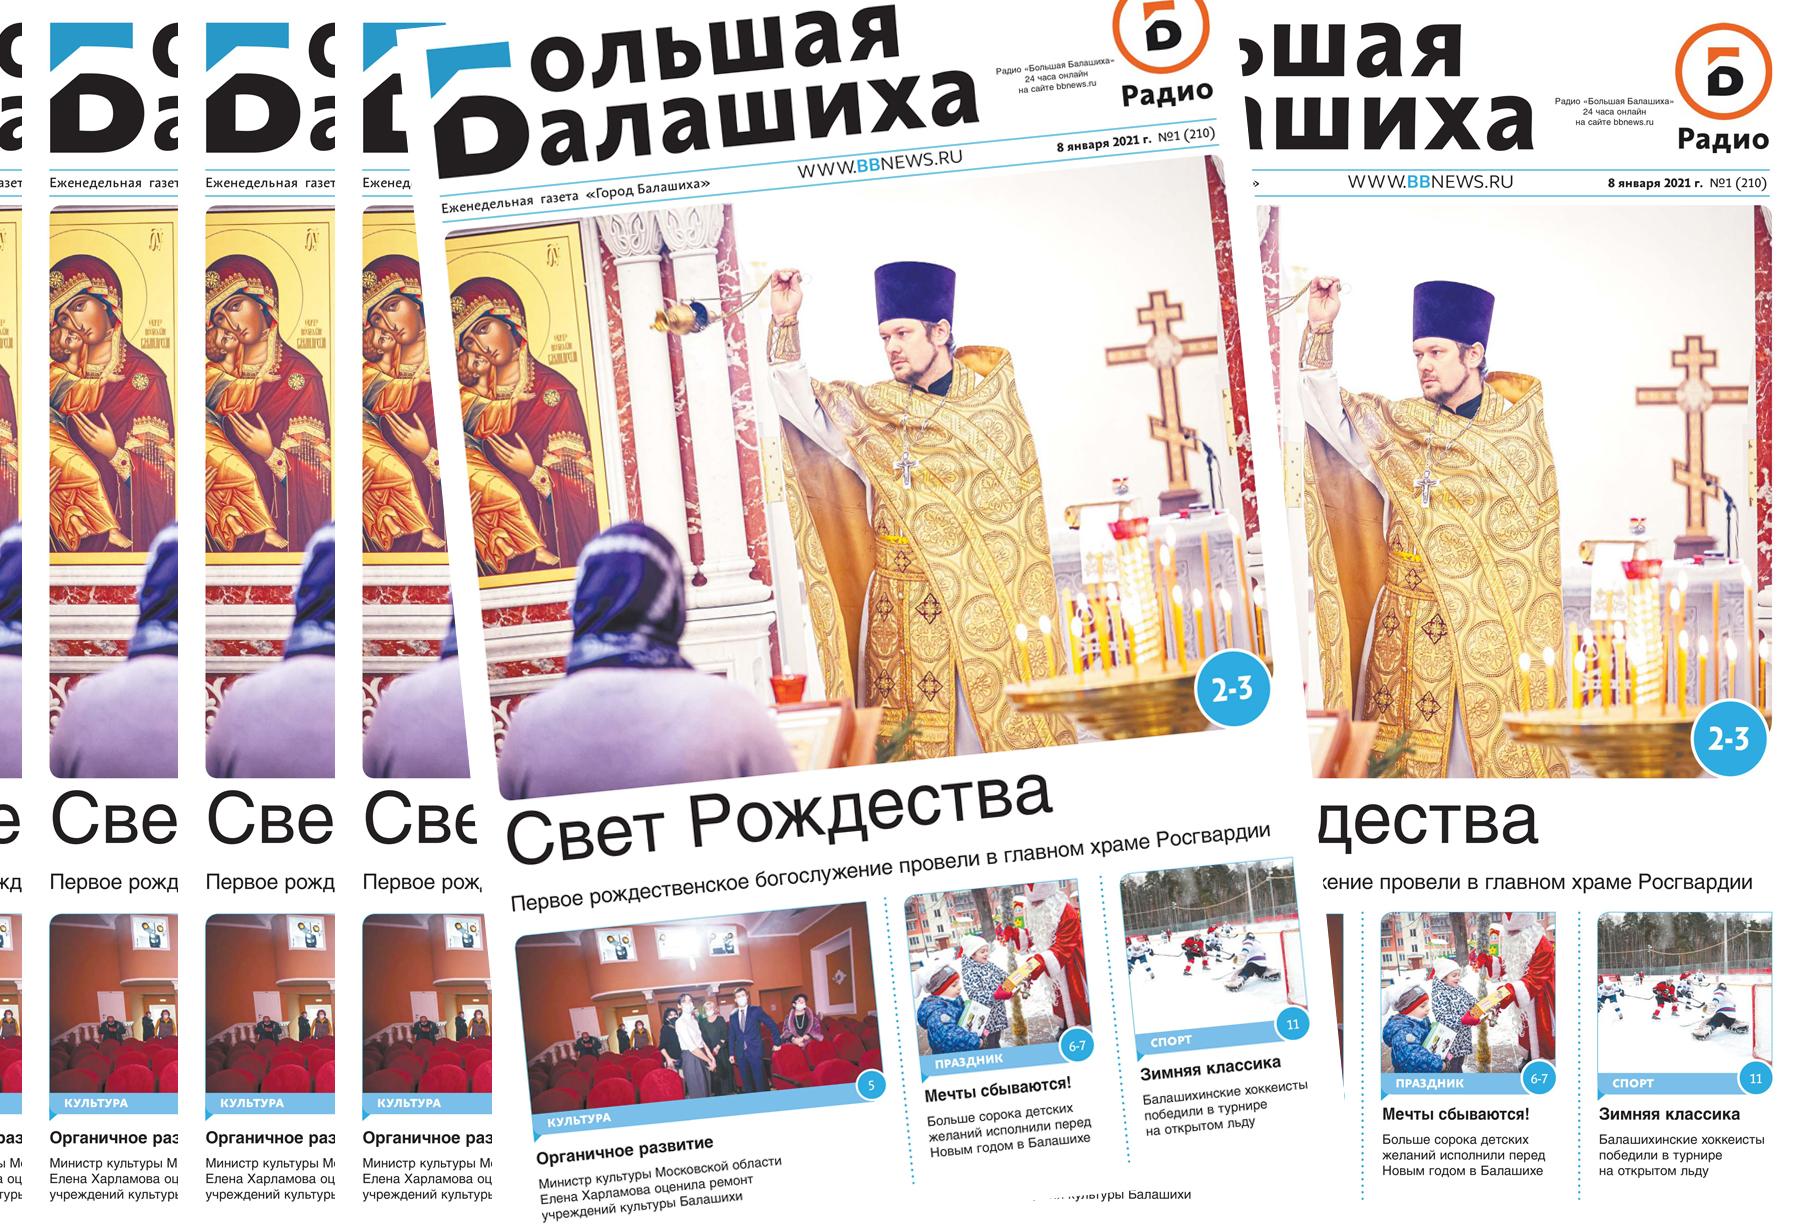 Вышла газета «Город Балашиха» №1 (210)